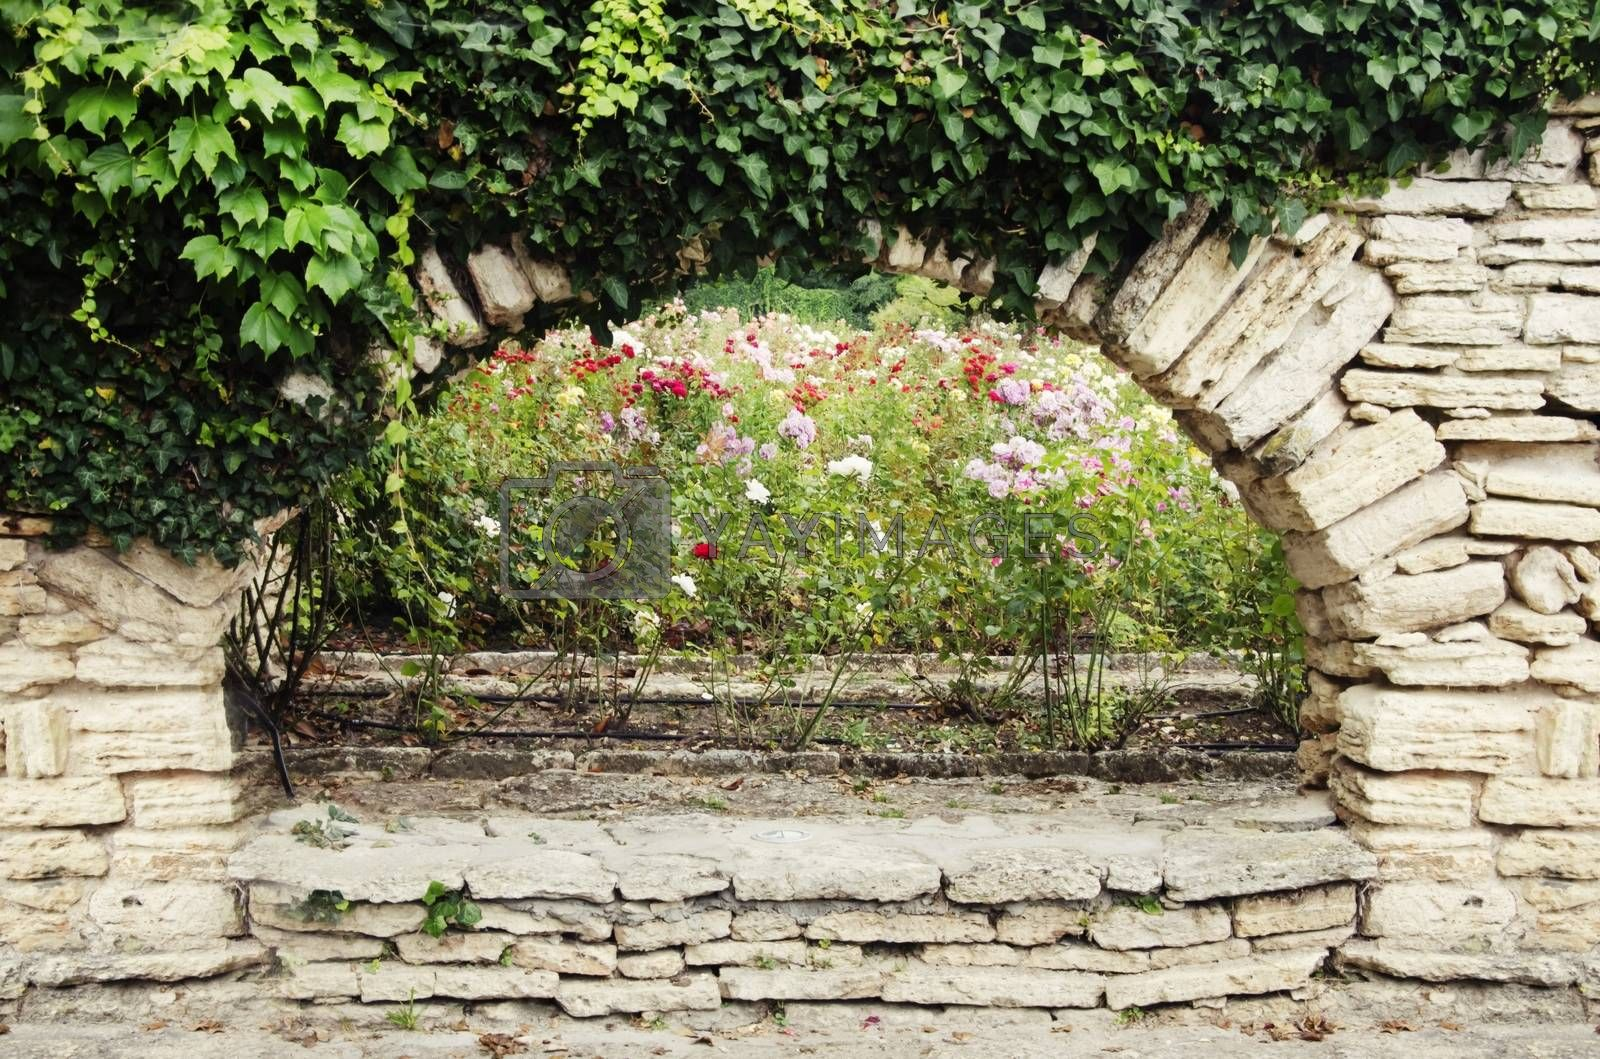 Royalty free image of Stone Wall With Greenery by razvodovska